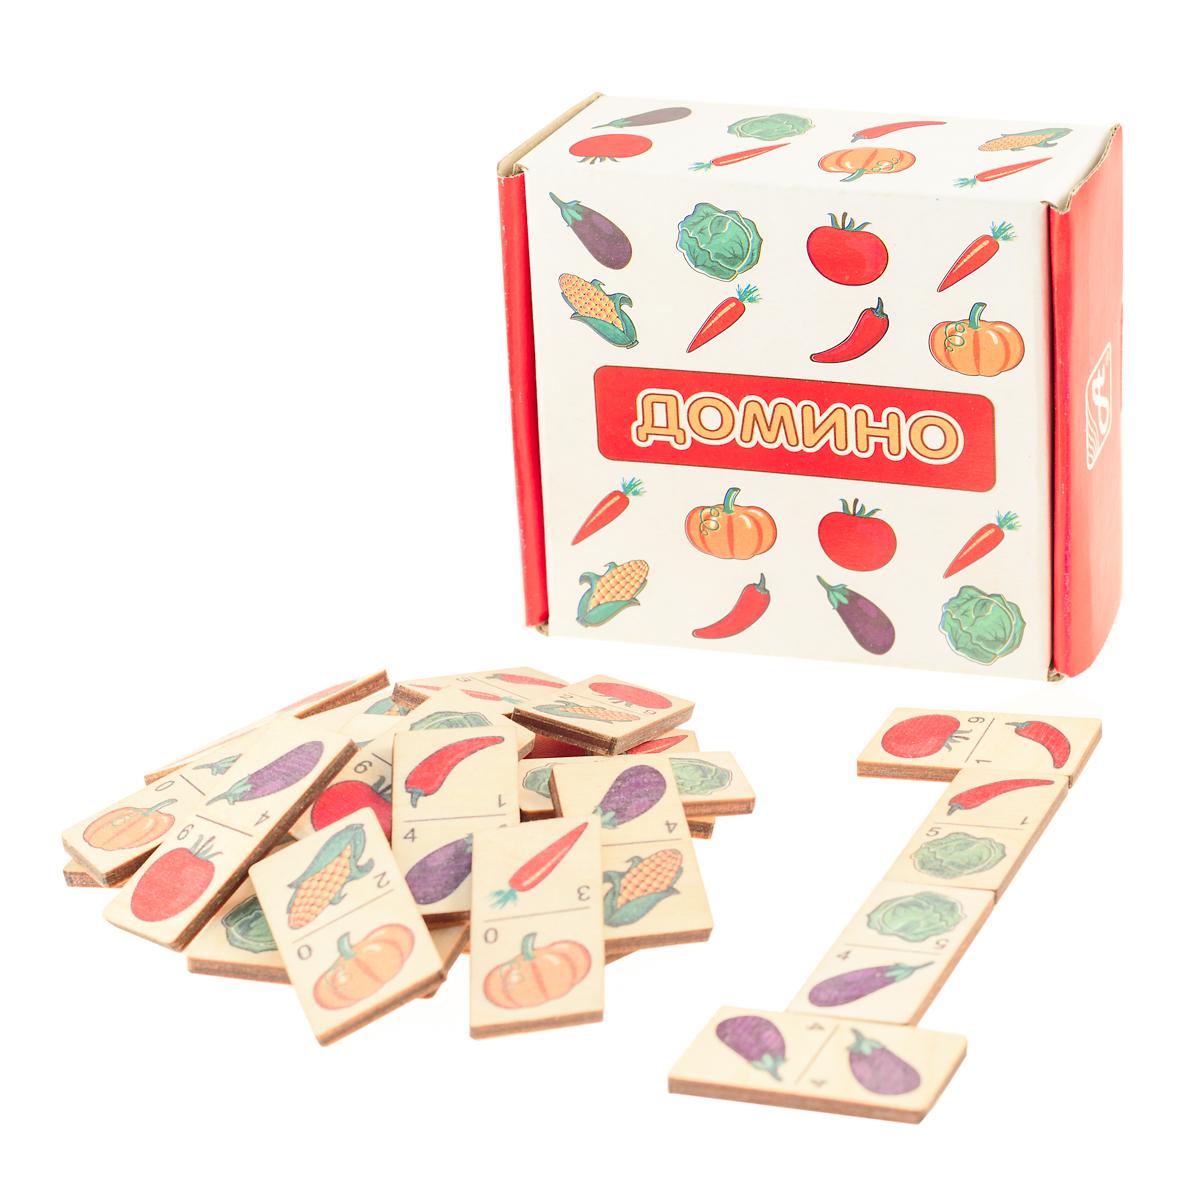 Развивающие деревянные игрушки Домино ОвощиД435аДомино для детей — игрушка, необходимая каждому ребёнку. Играя, малыш развивает целый спектр навыков: моторику, логику, воображение, а также изучает окружающий мир, счёт, арифметику и цвета. Рисунки на каждой фишке — яркие и понятные. В домино можно играть не только дома, но и эффективно использовать для занятий в детском саду. ВНИМАНИЕ! Детали игрушки выполнены из натурального дерева (деревоматериала) без покрытия лаками или другими химическими составами. Перед использованием удалите остатки древесины и древесную пыль, тщательно протерев детали игрушки мягкой тканью!